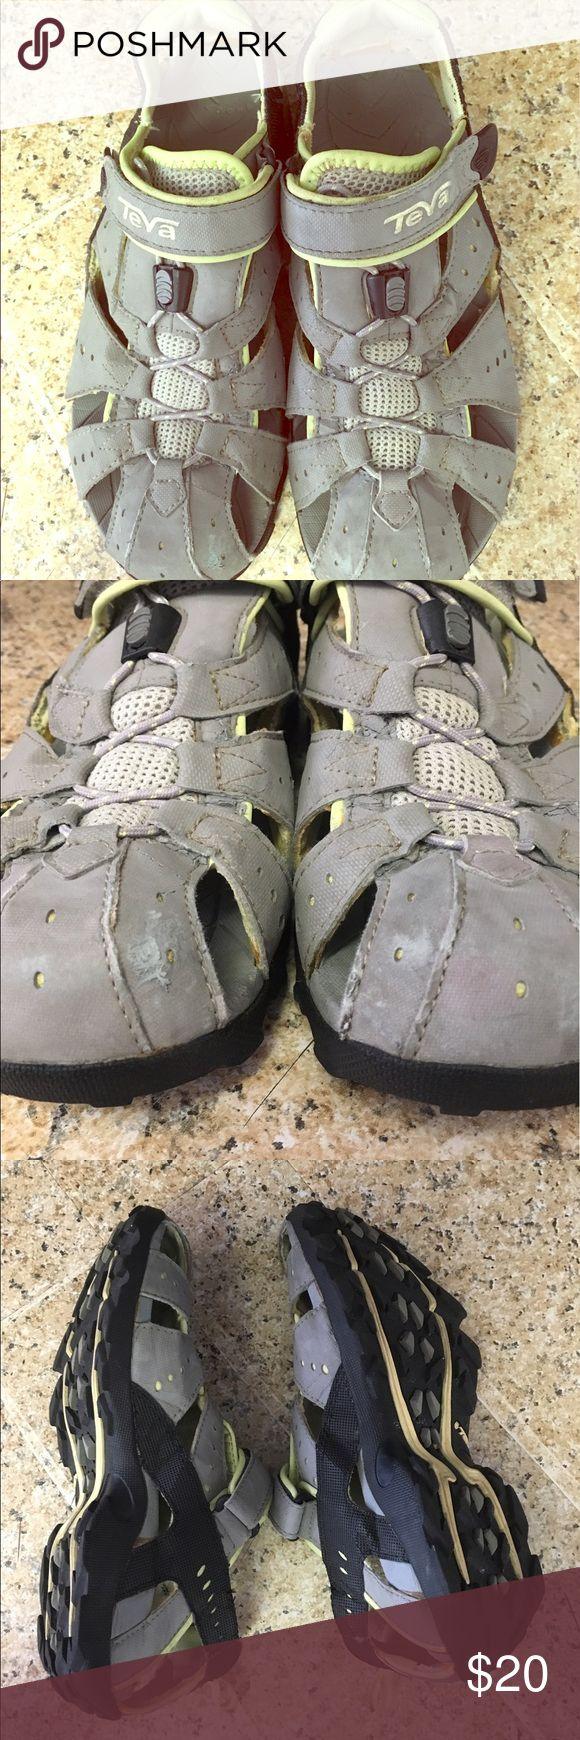 Teva Sandles GUC Teva Shoes Sandals